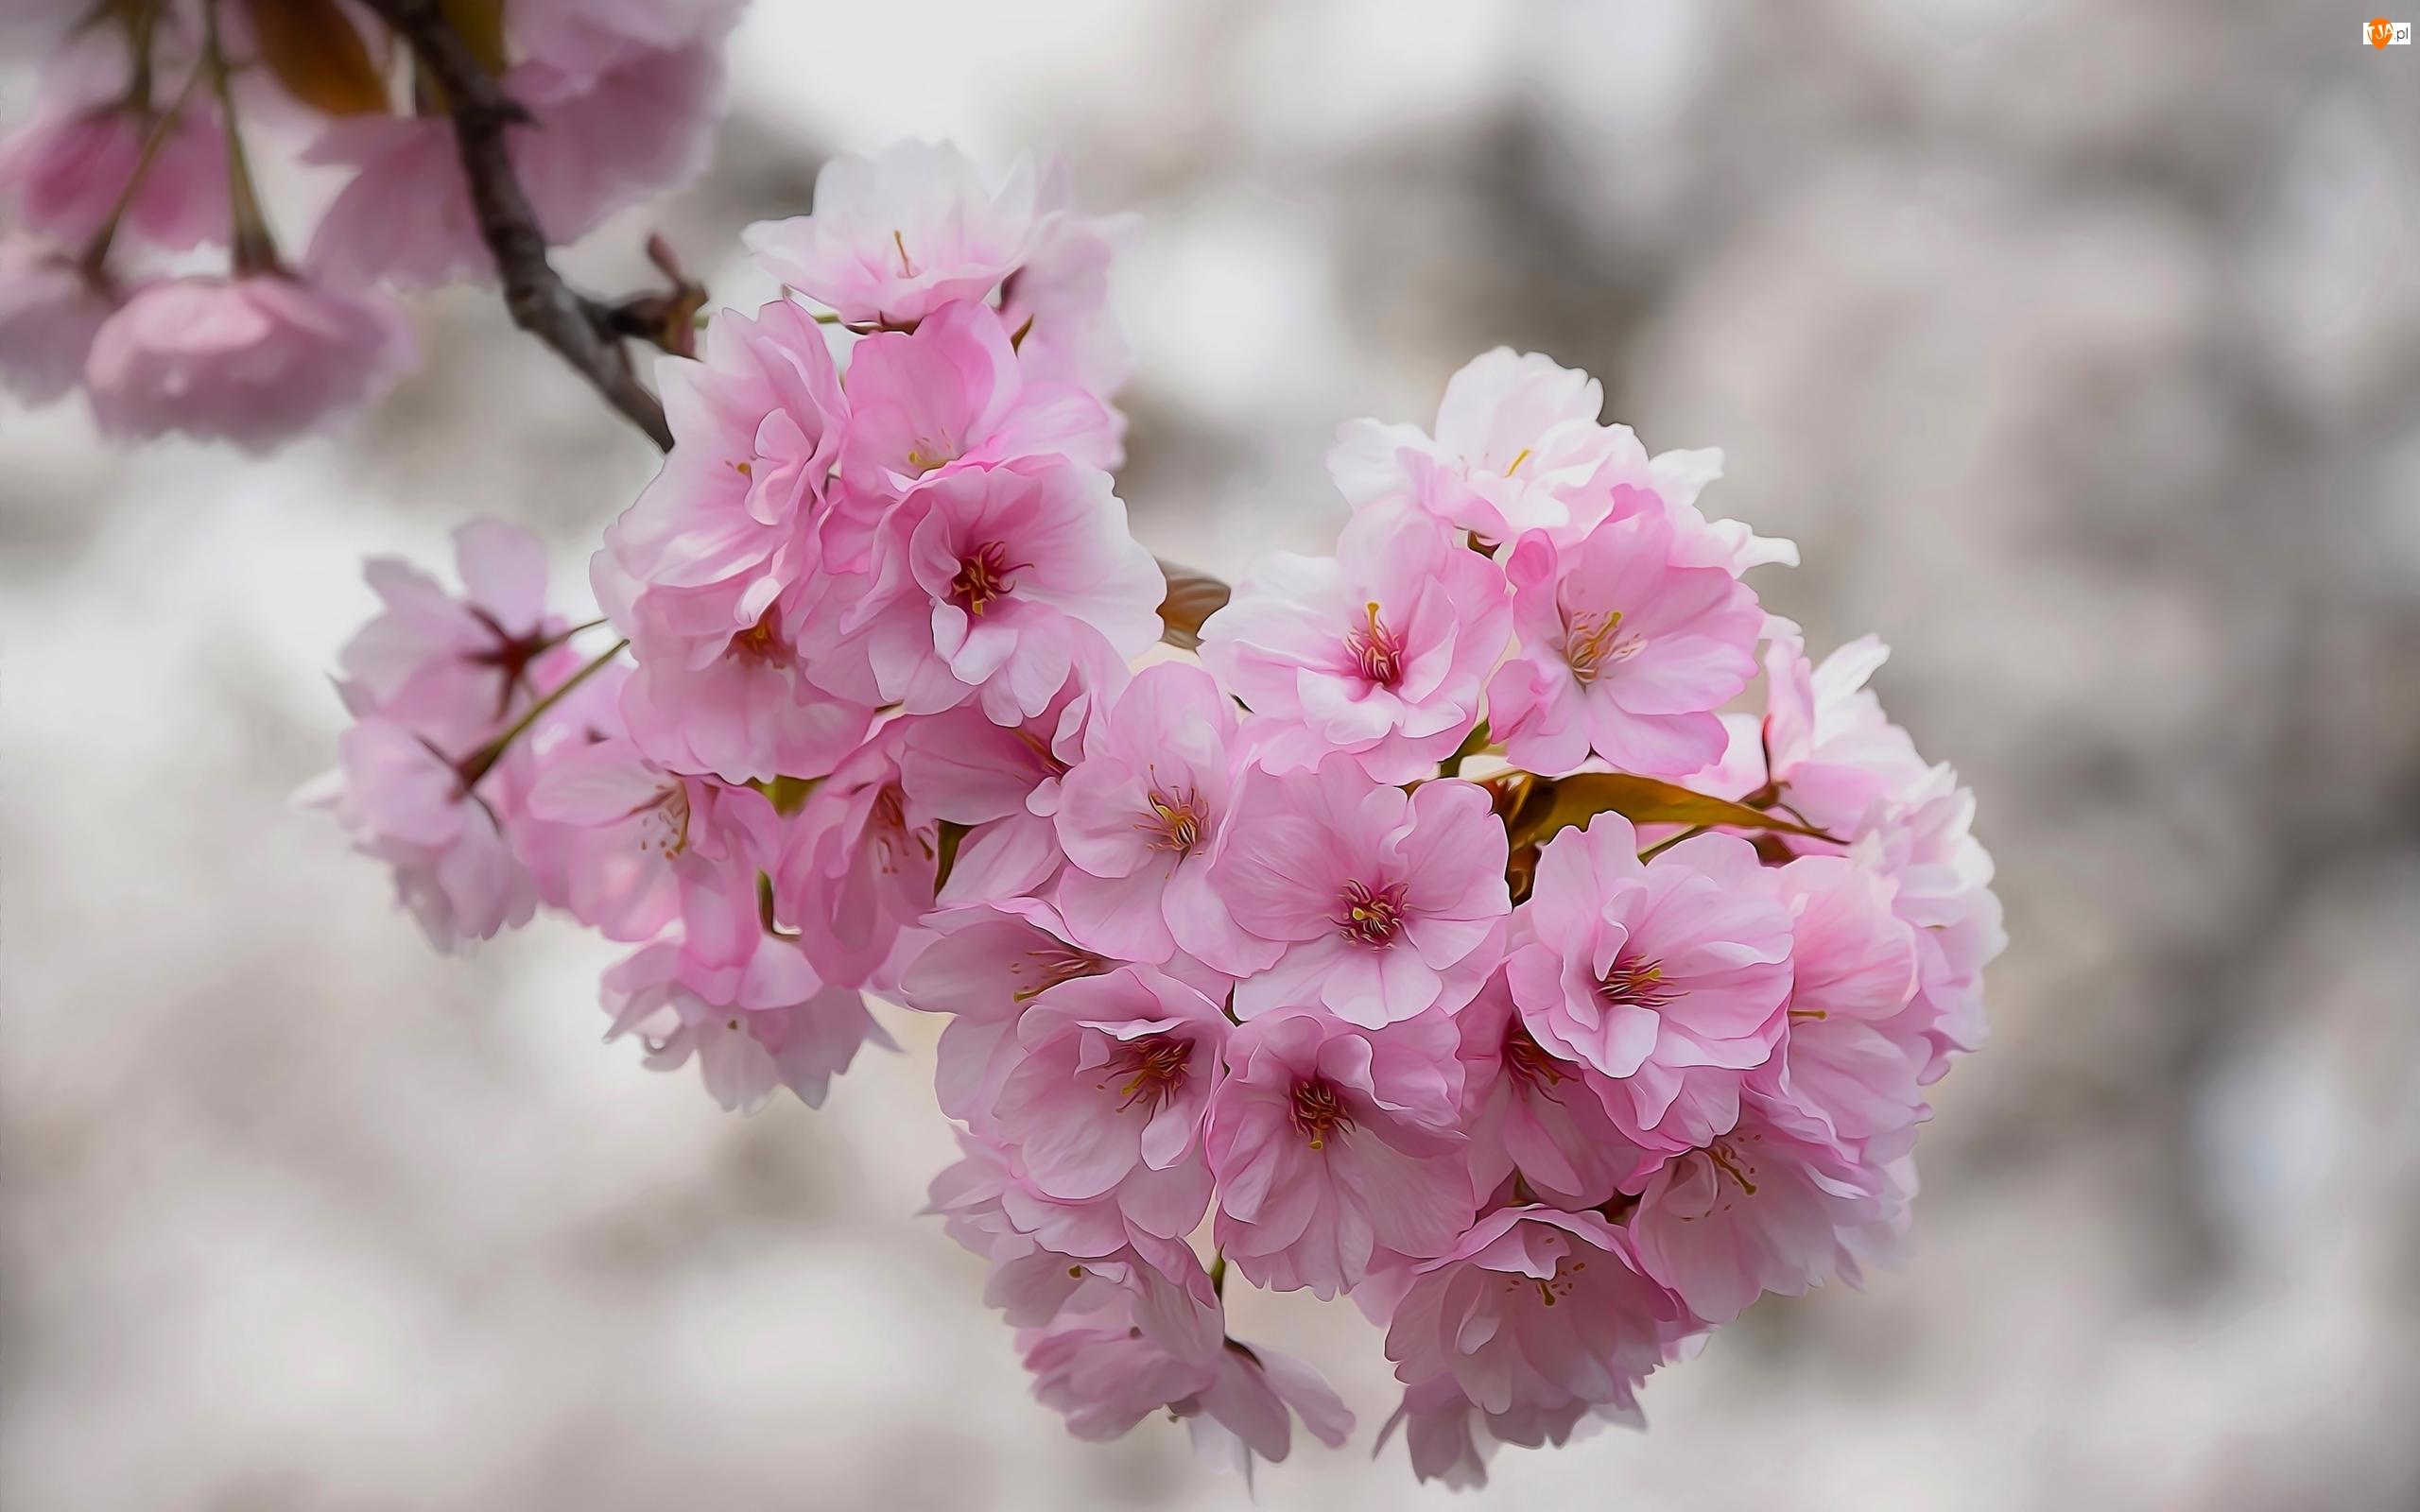 Wiśnia, Drzewo owocowe, Kwiaty